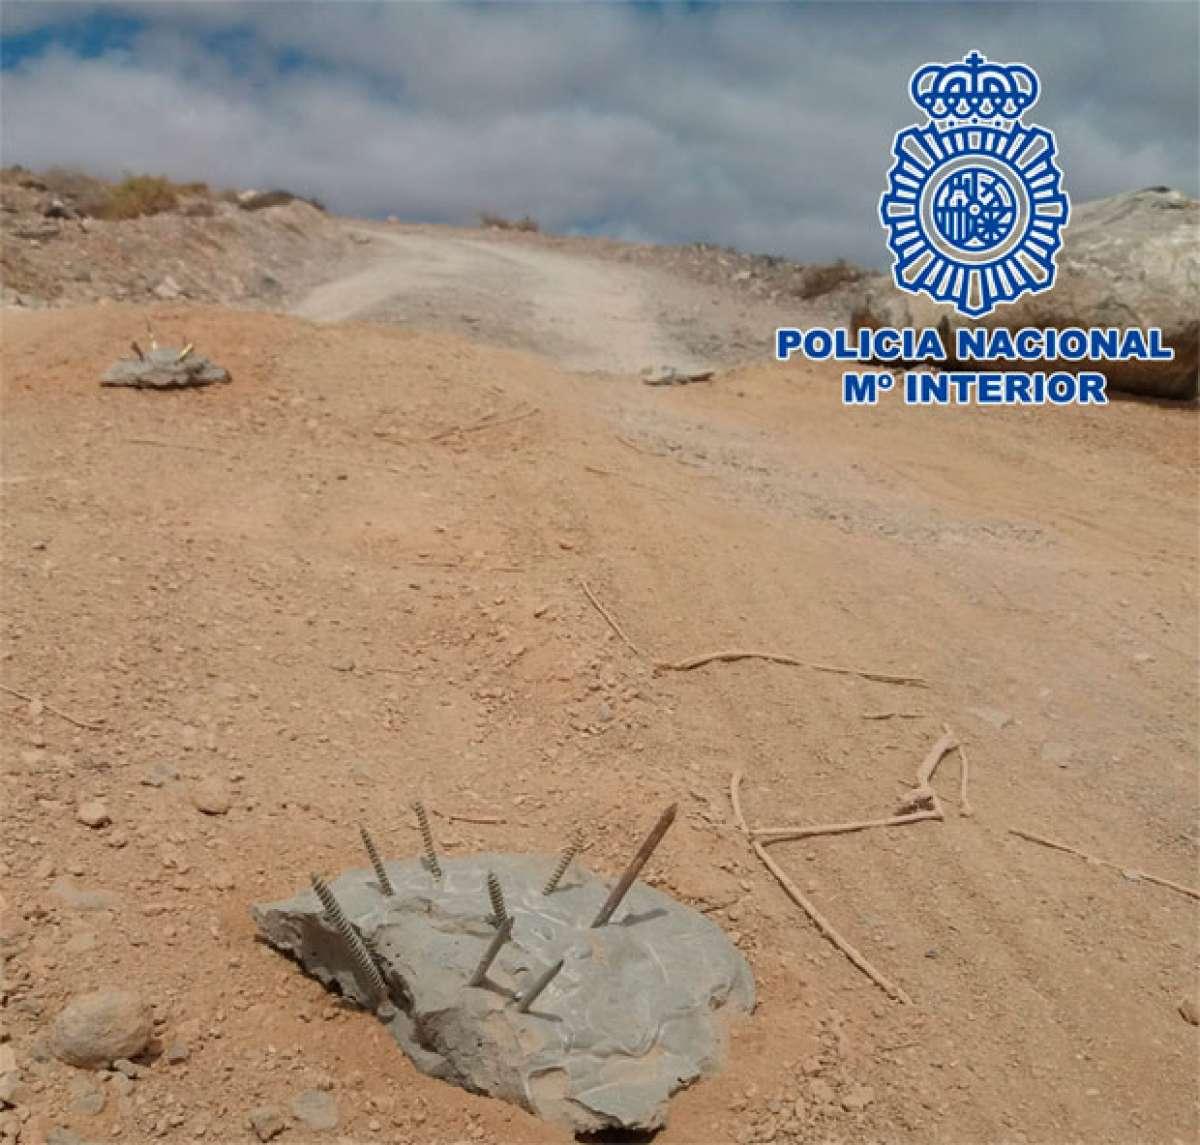 Dos mujeres de 59 y 70 años detenidas en Fuerteventura por colocar trampas con clavos en una pista de tierra